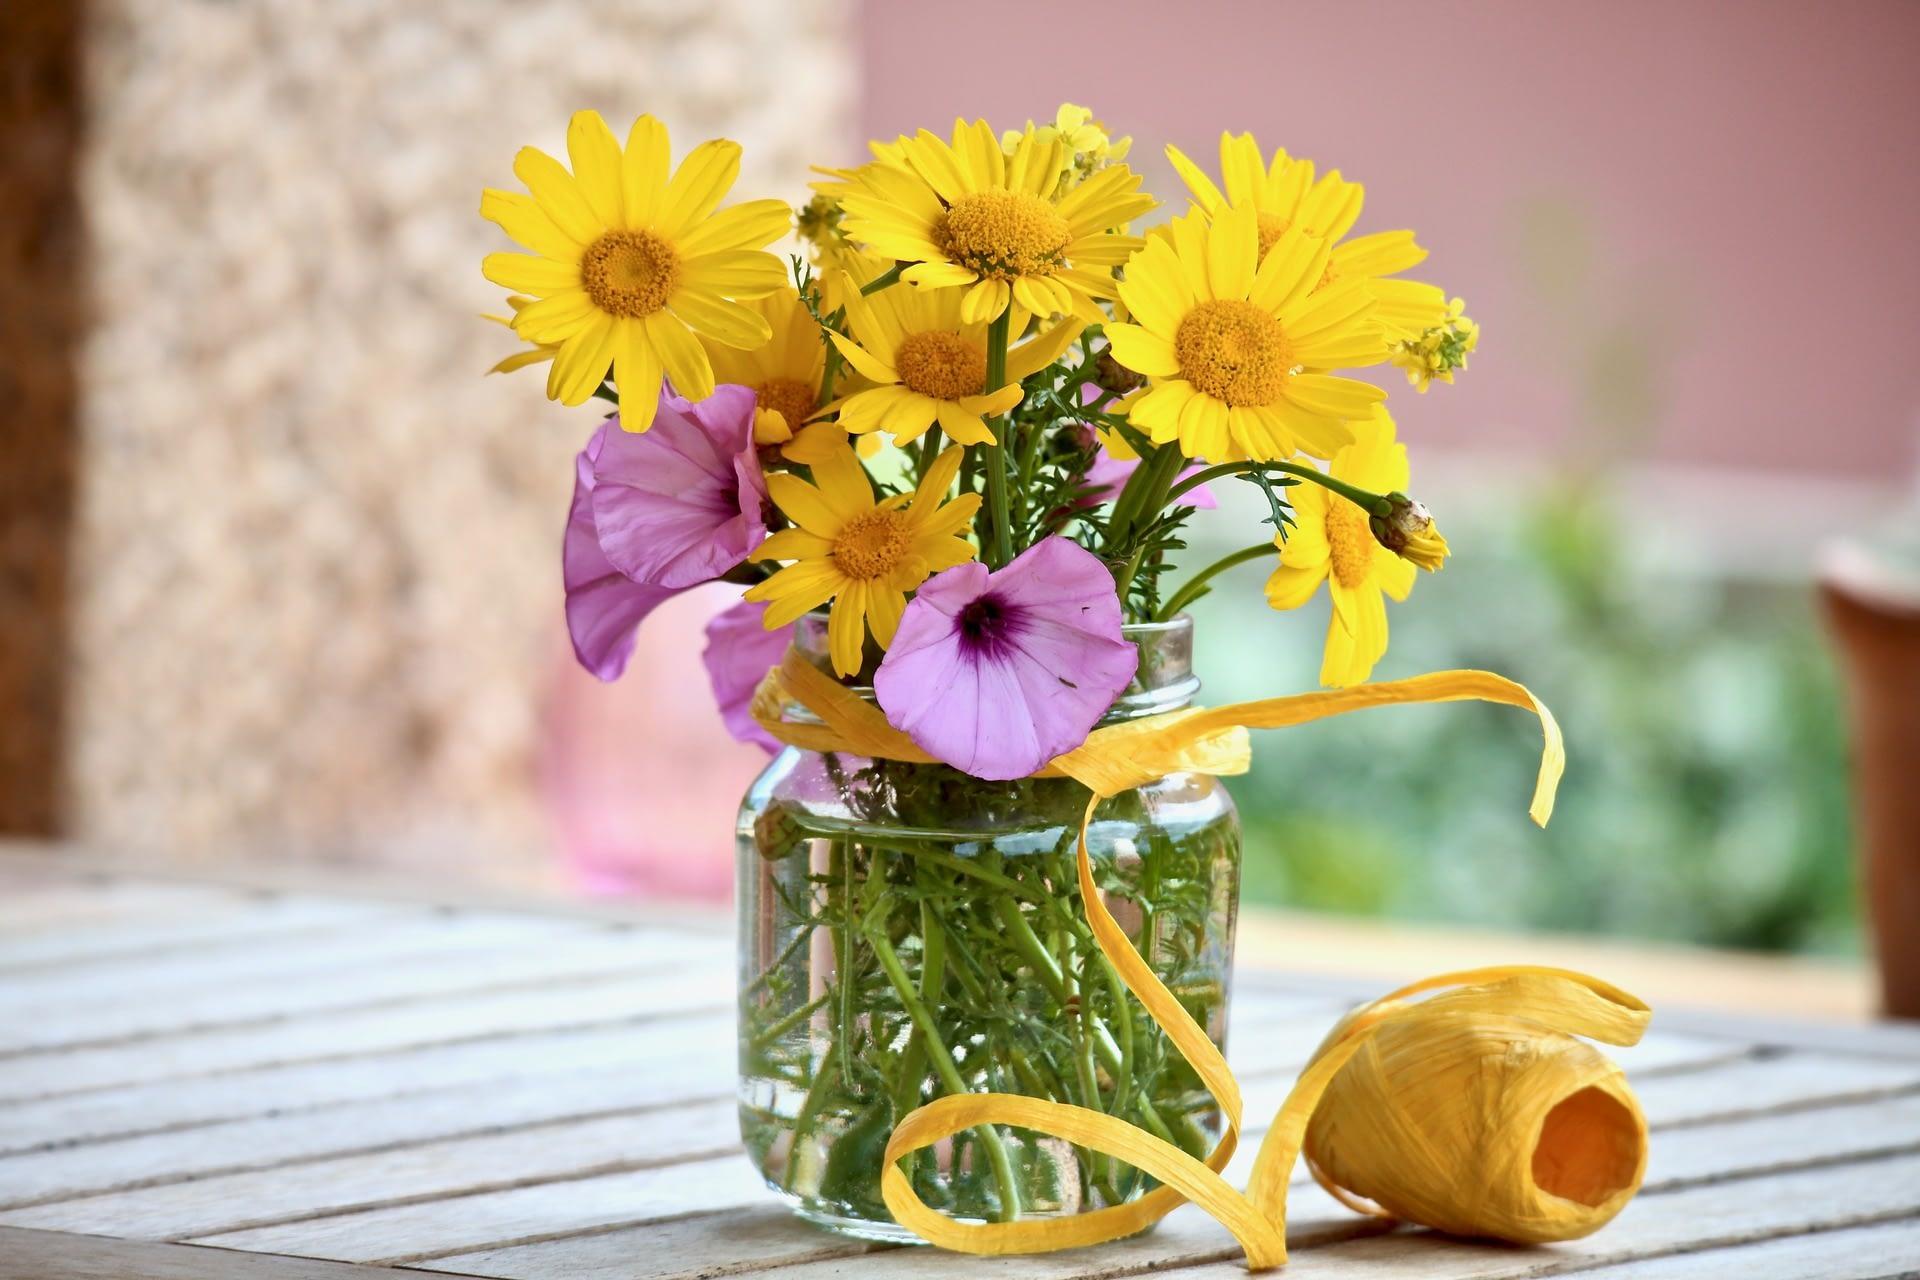 Easter Flowers in Jar